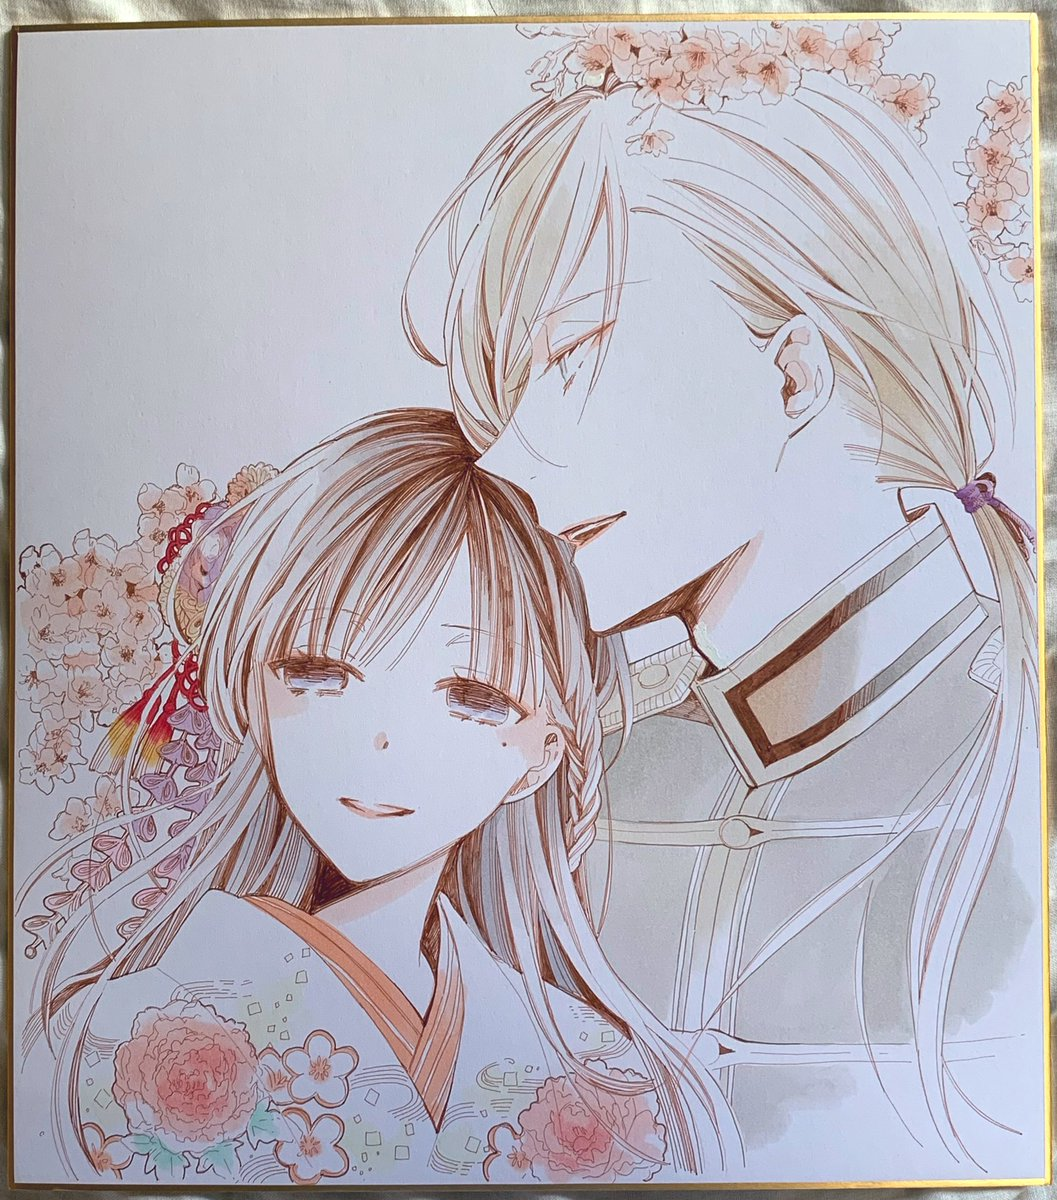 カクヨム 私 結婚 の な 幸せ